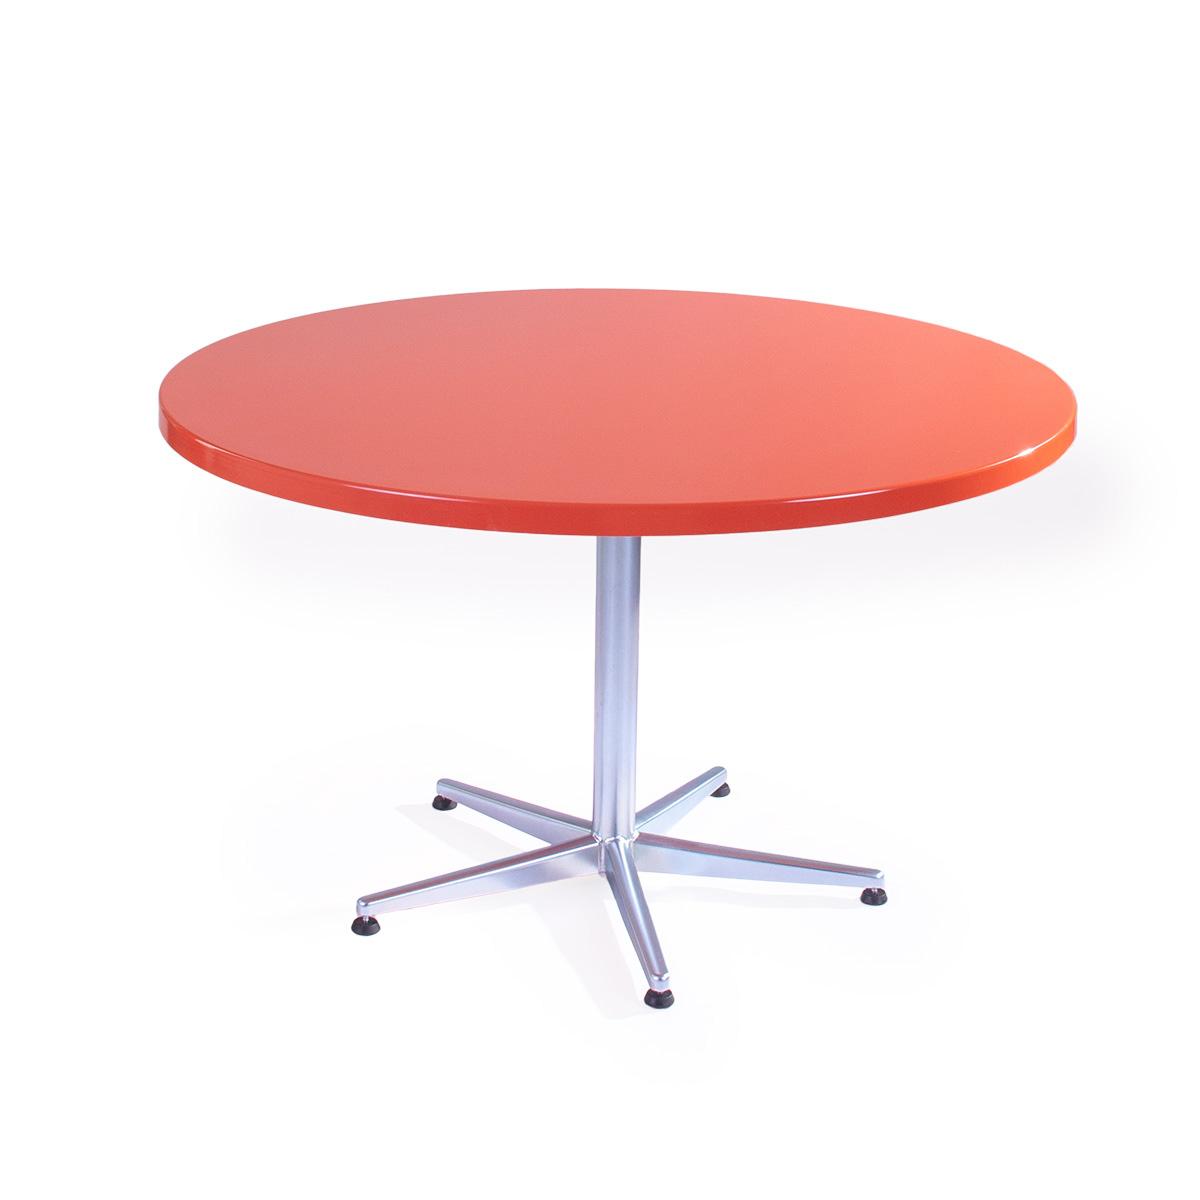 Table PRV rouge trafic, brillante, Piétement électrozingué, 5-étoile Basic, D 120 x 3.5 cm, H 73 cm